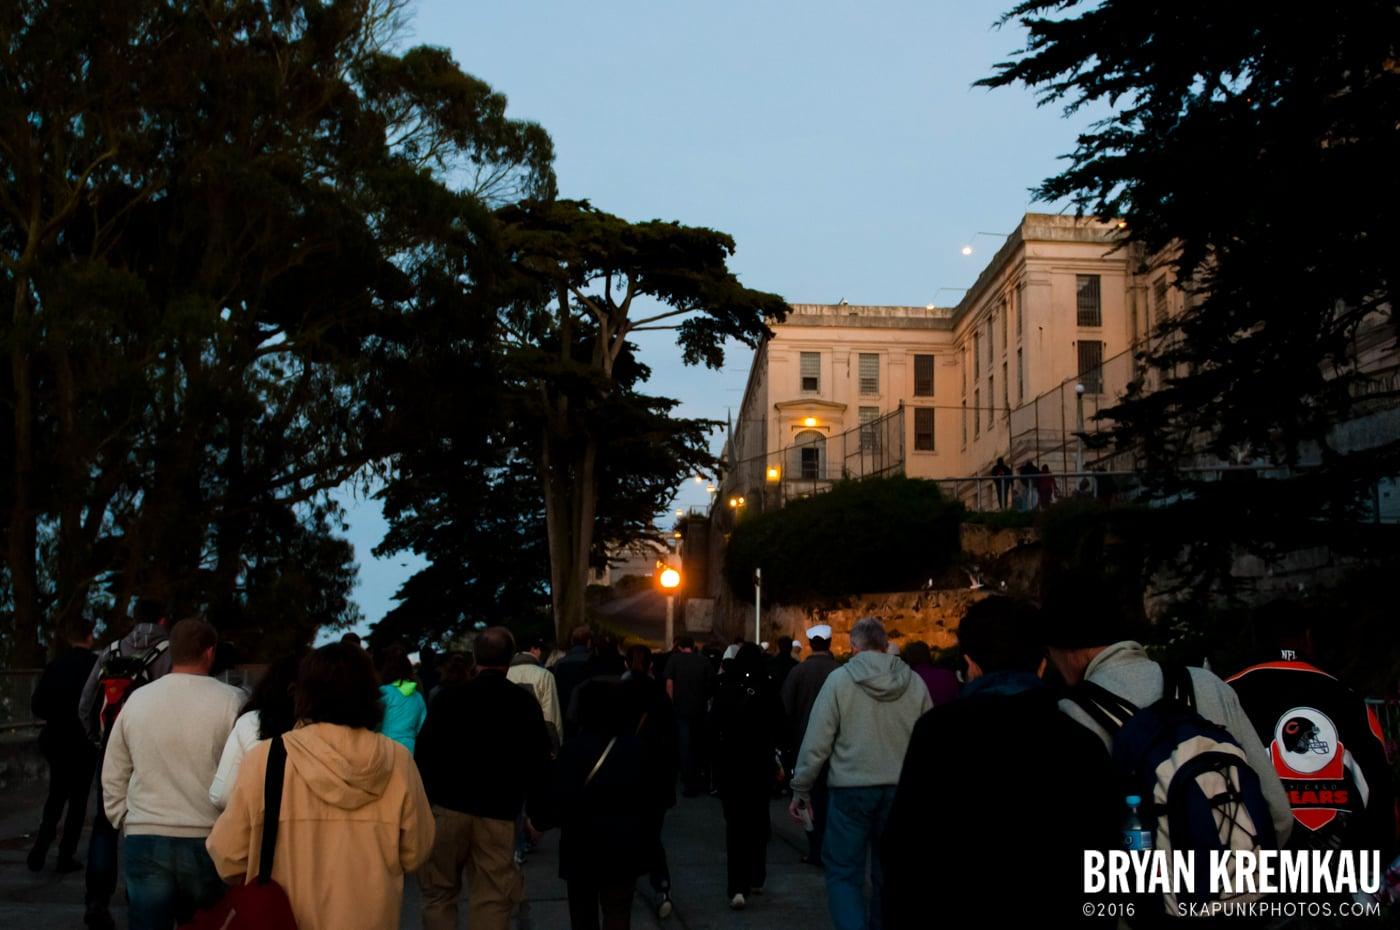 San Francisco Vacation - Day 3 - 4.30.12 (10)